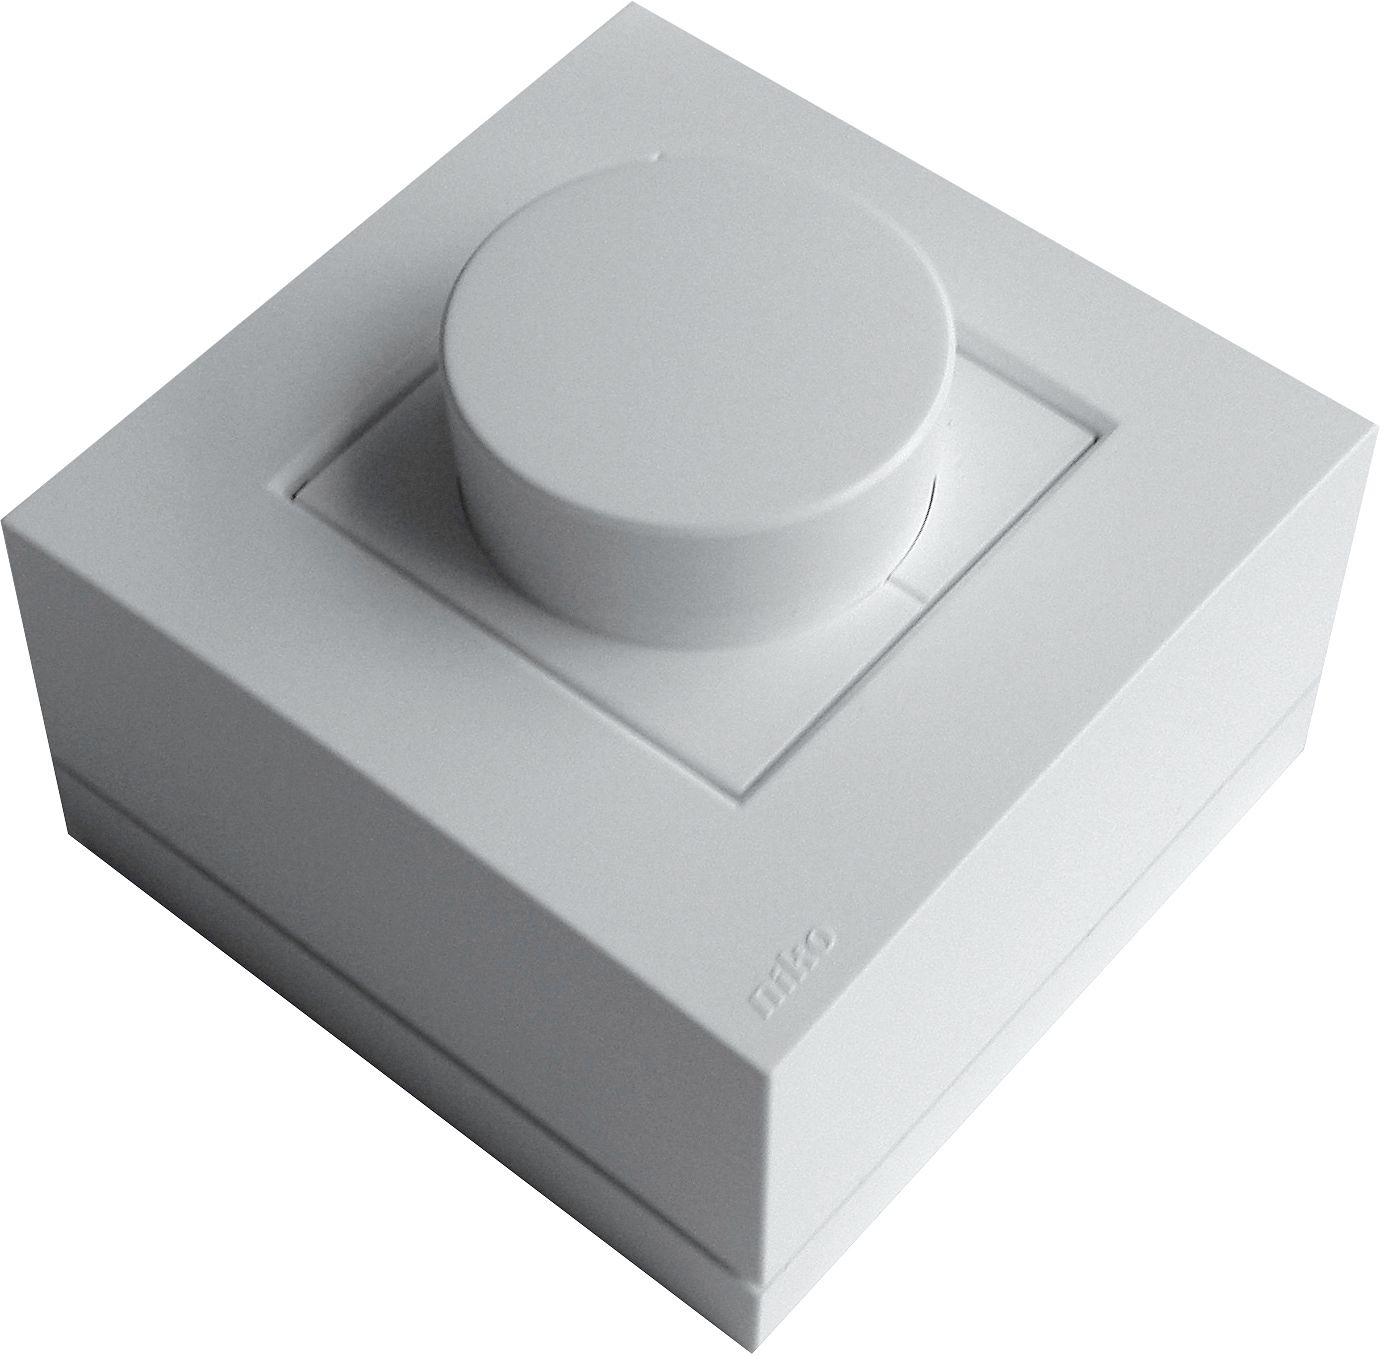 3-STANDENSCHAKEL.V.VENT.C400 BASIC VASCO